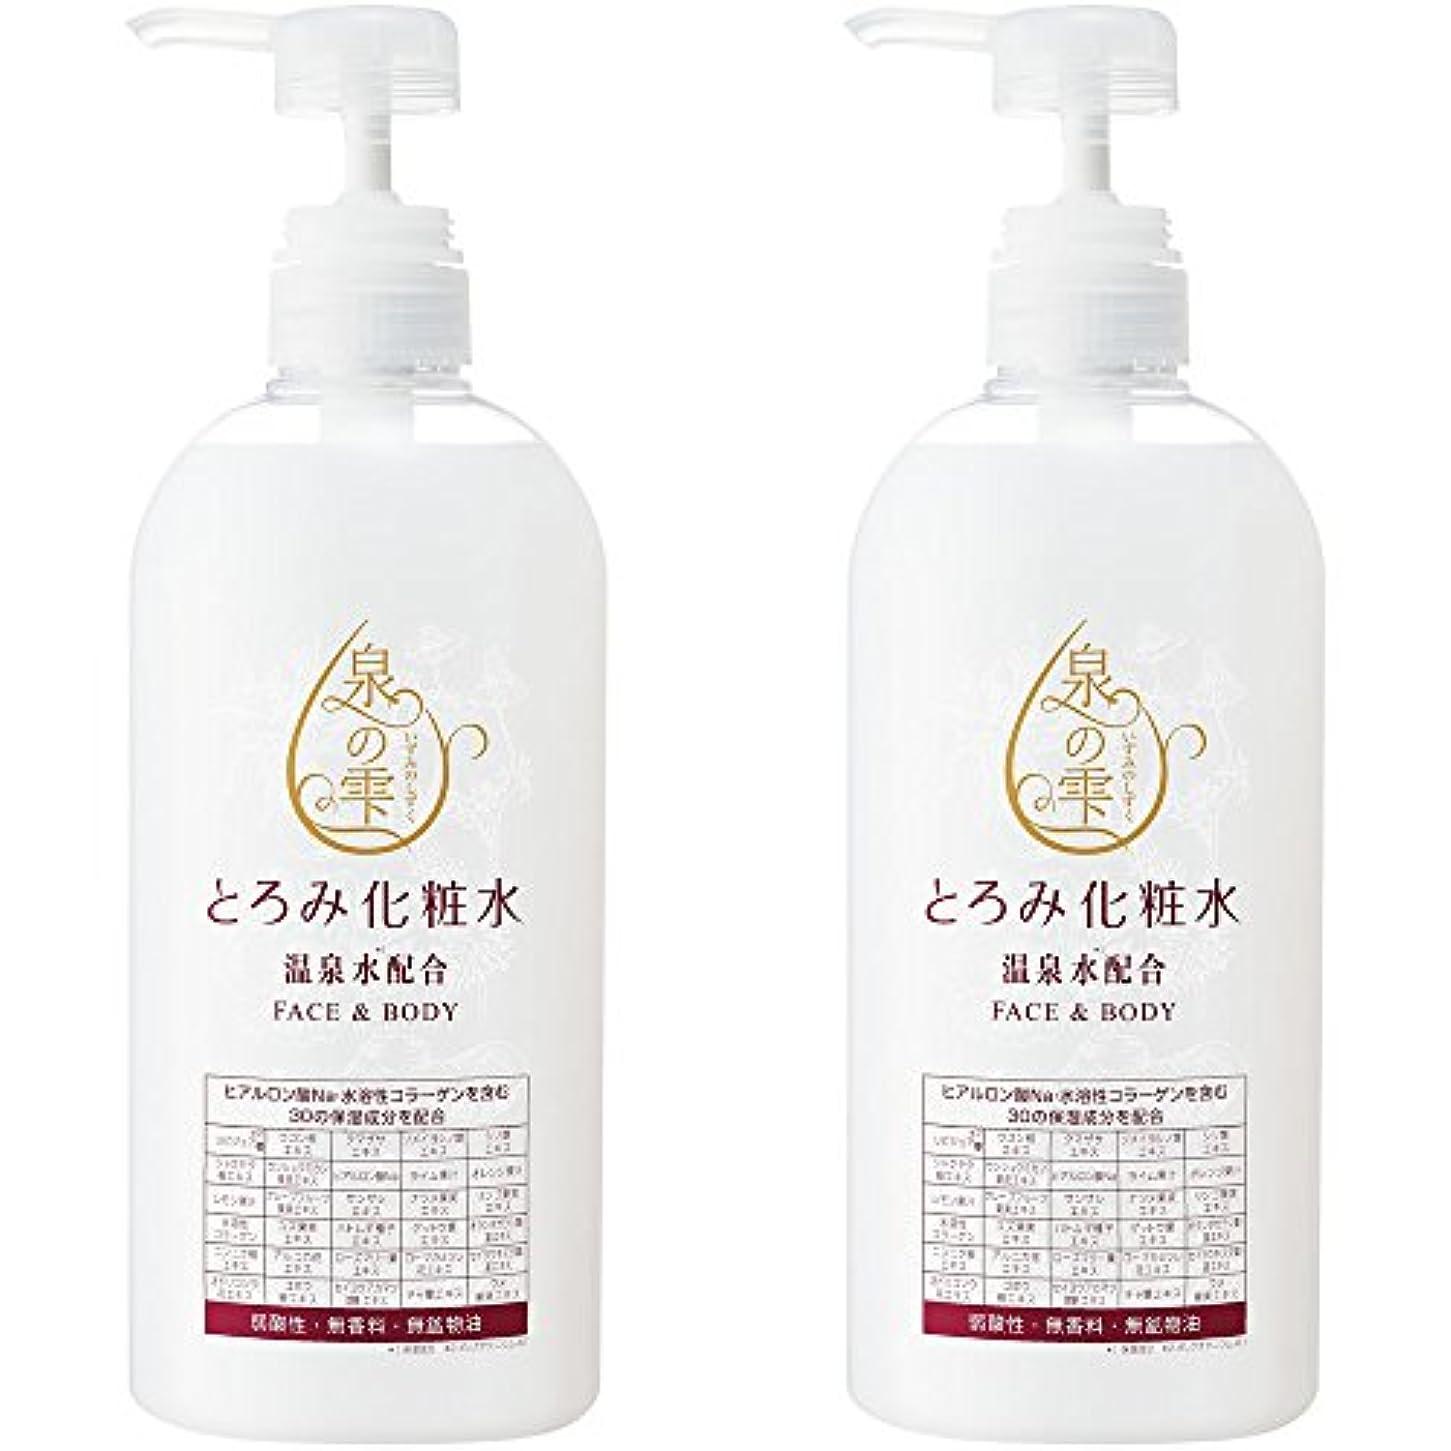 泉の雫 とろみ化粧水 (700ml×2本セット) [顔や身体にたっぷり使える大容量] 弱酸性?無香料?無鉱物油